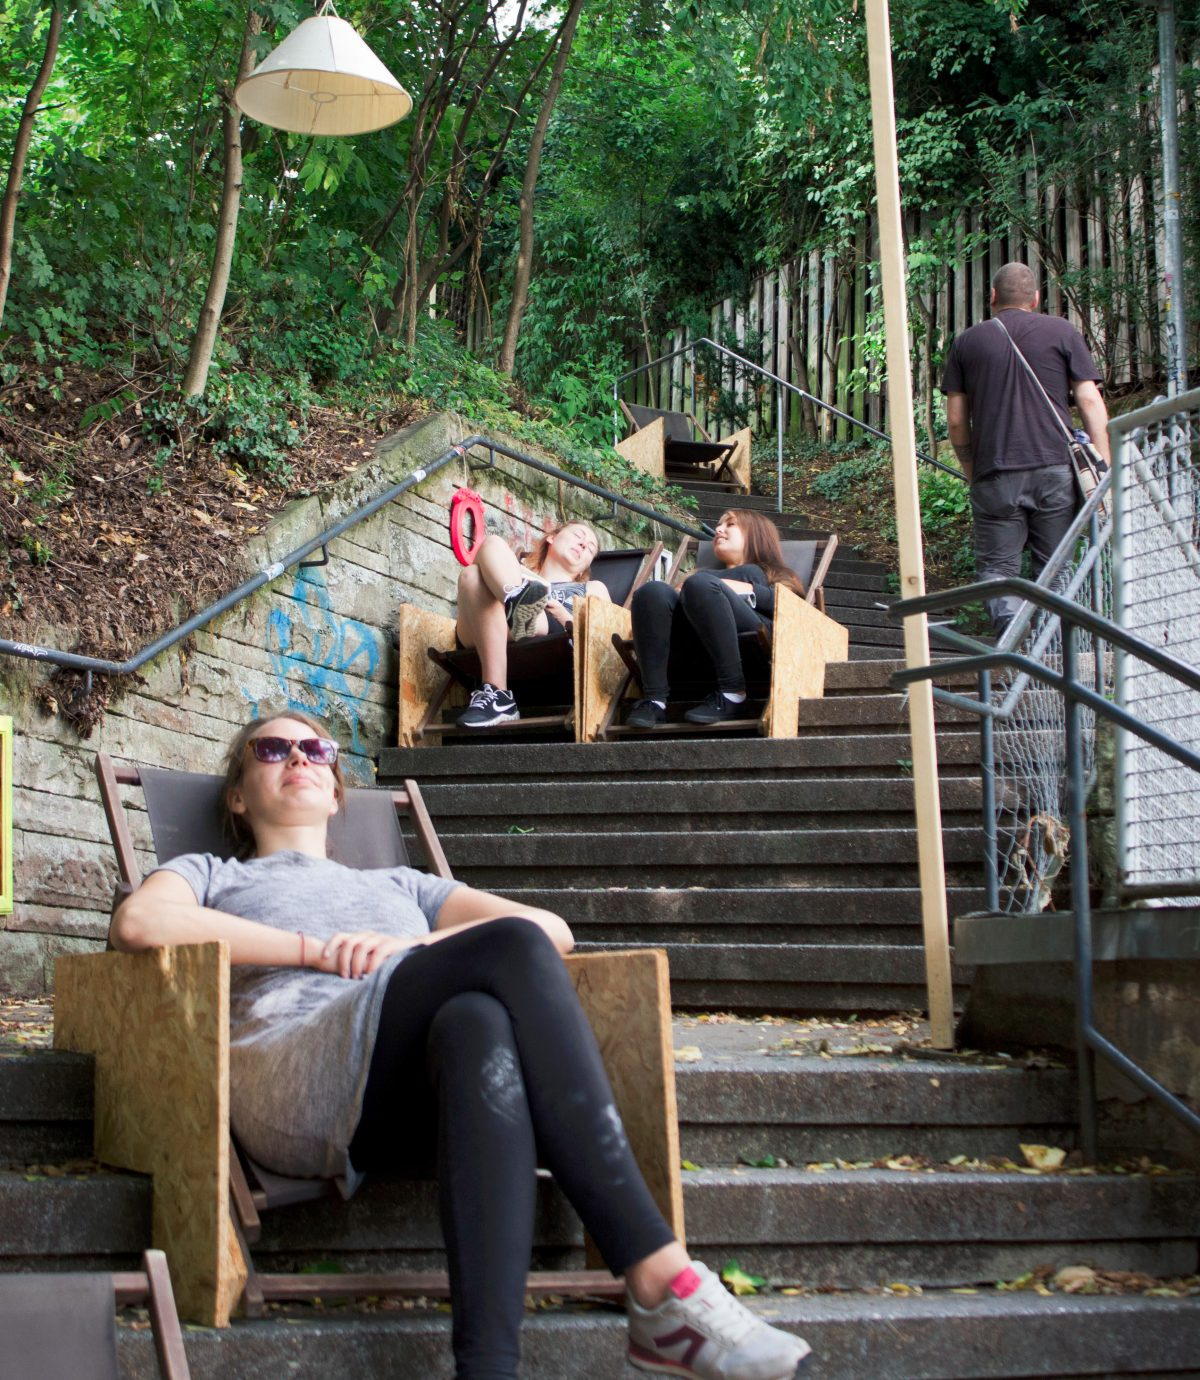 Reallabor für nachhaltige Mobilitätskultur - Die Stäffele Gallery